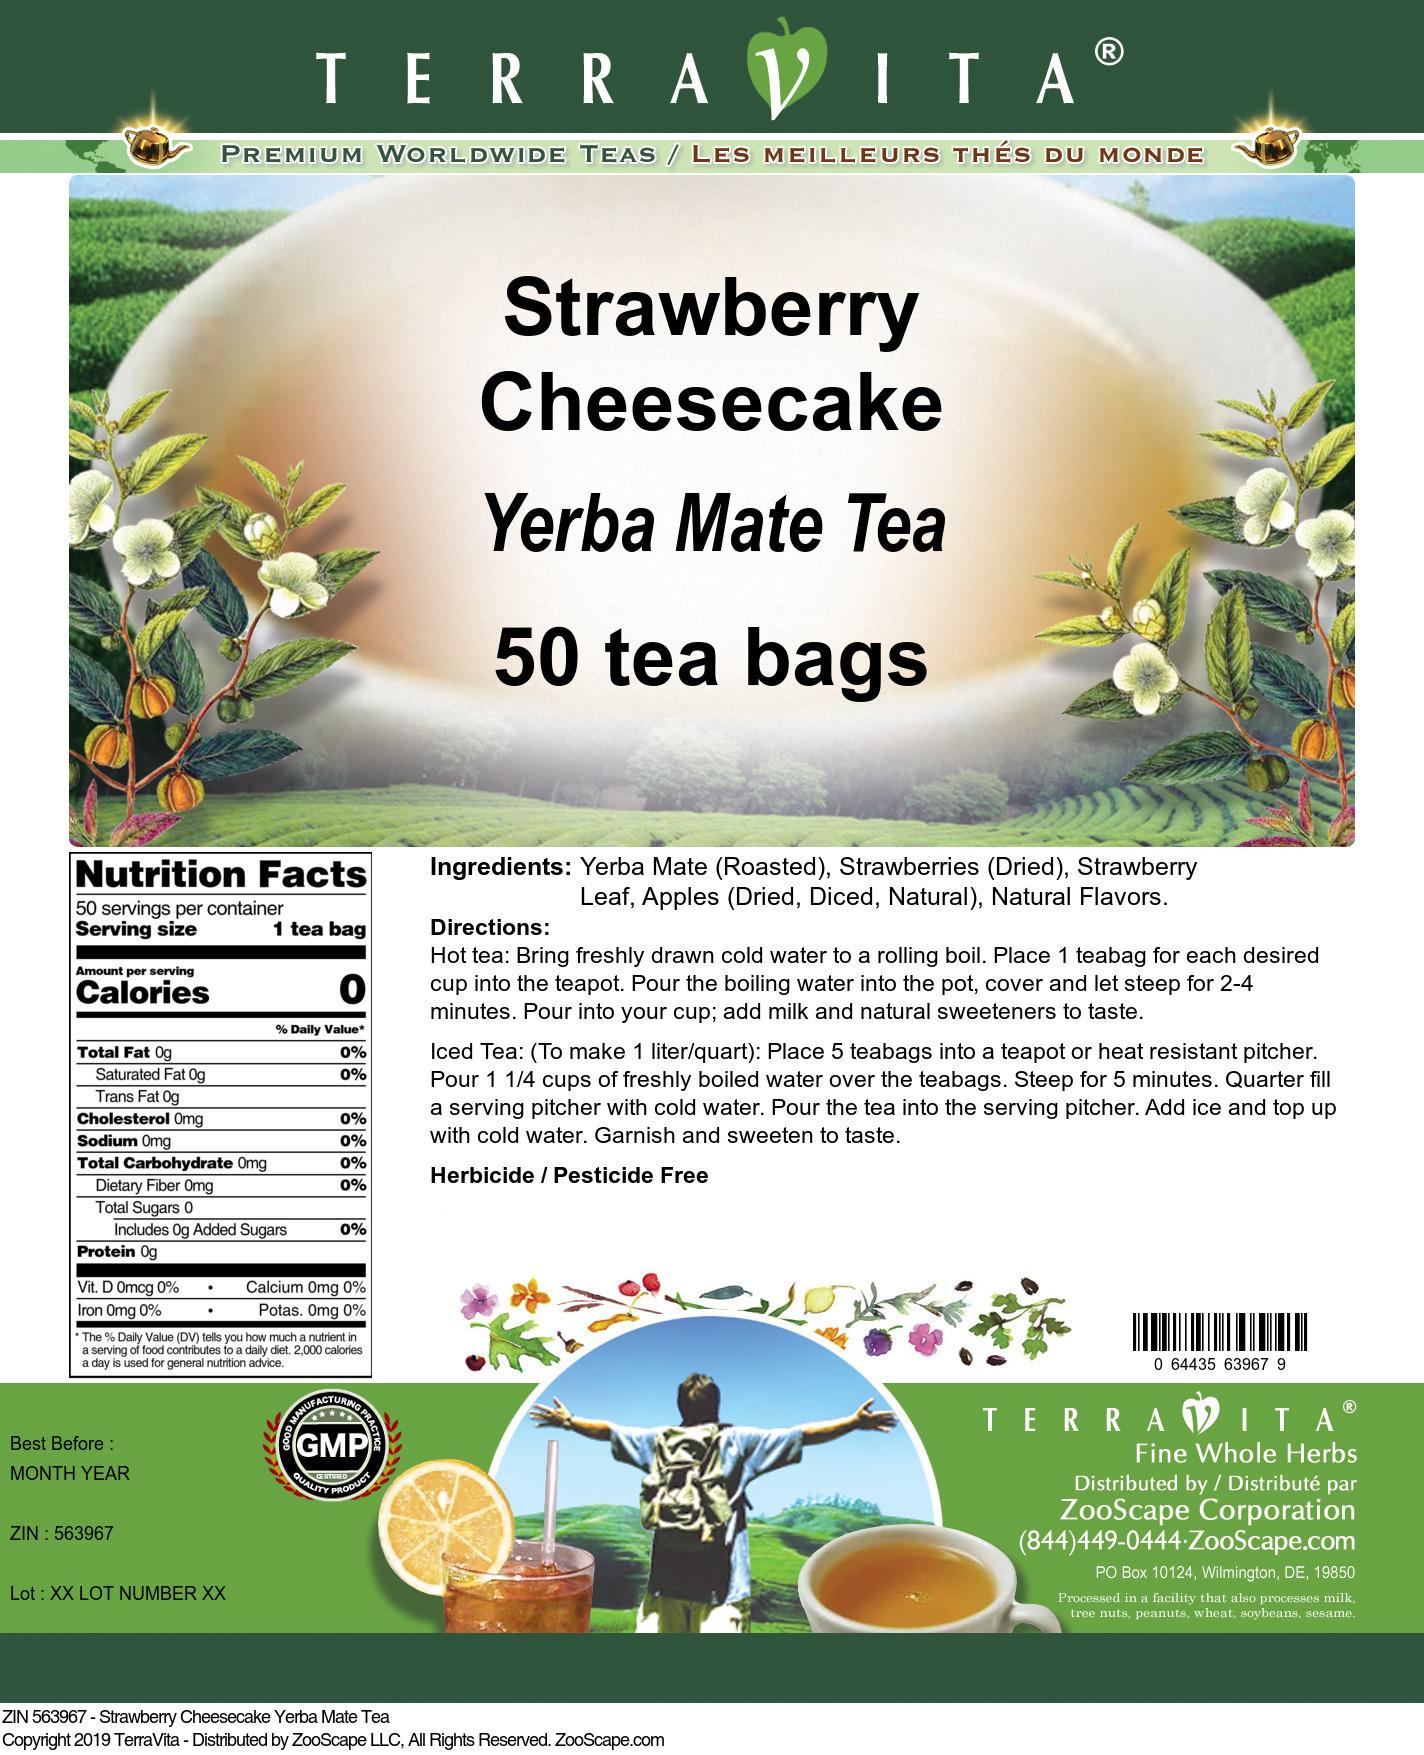 Strawberry Cheesecake Yerba Mate